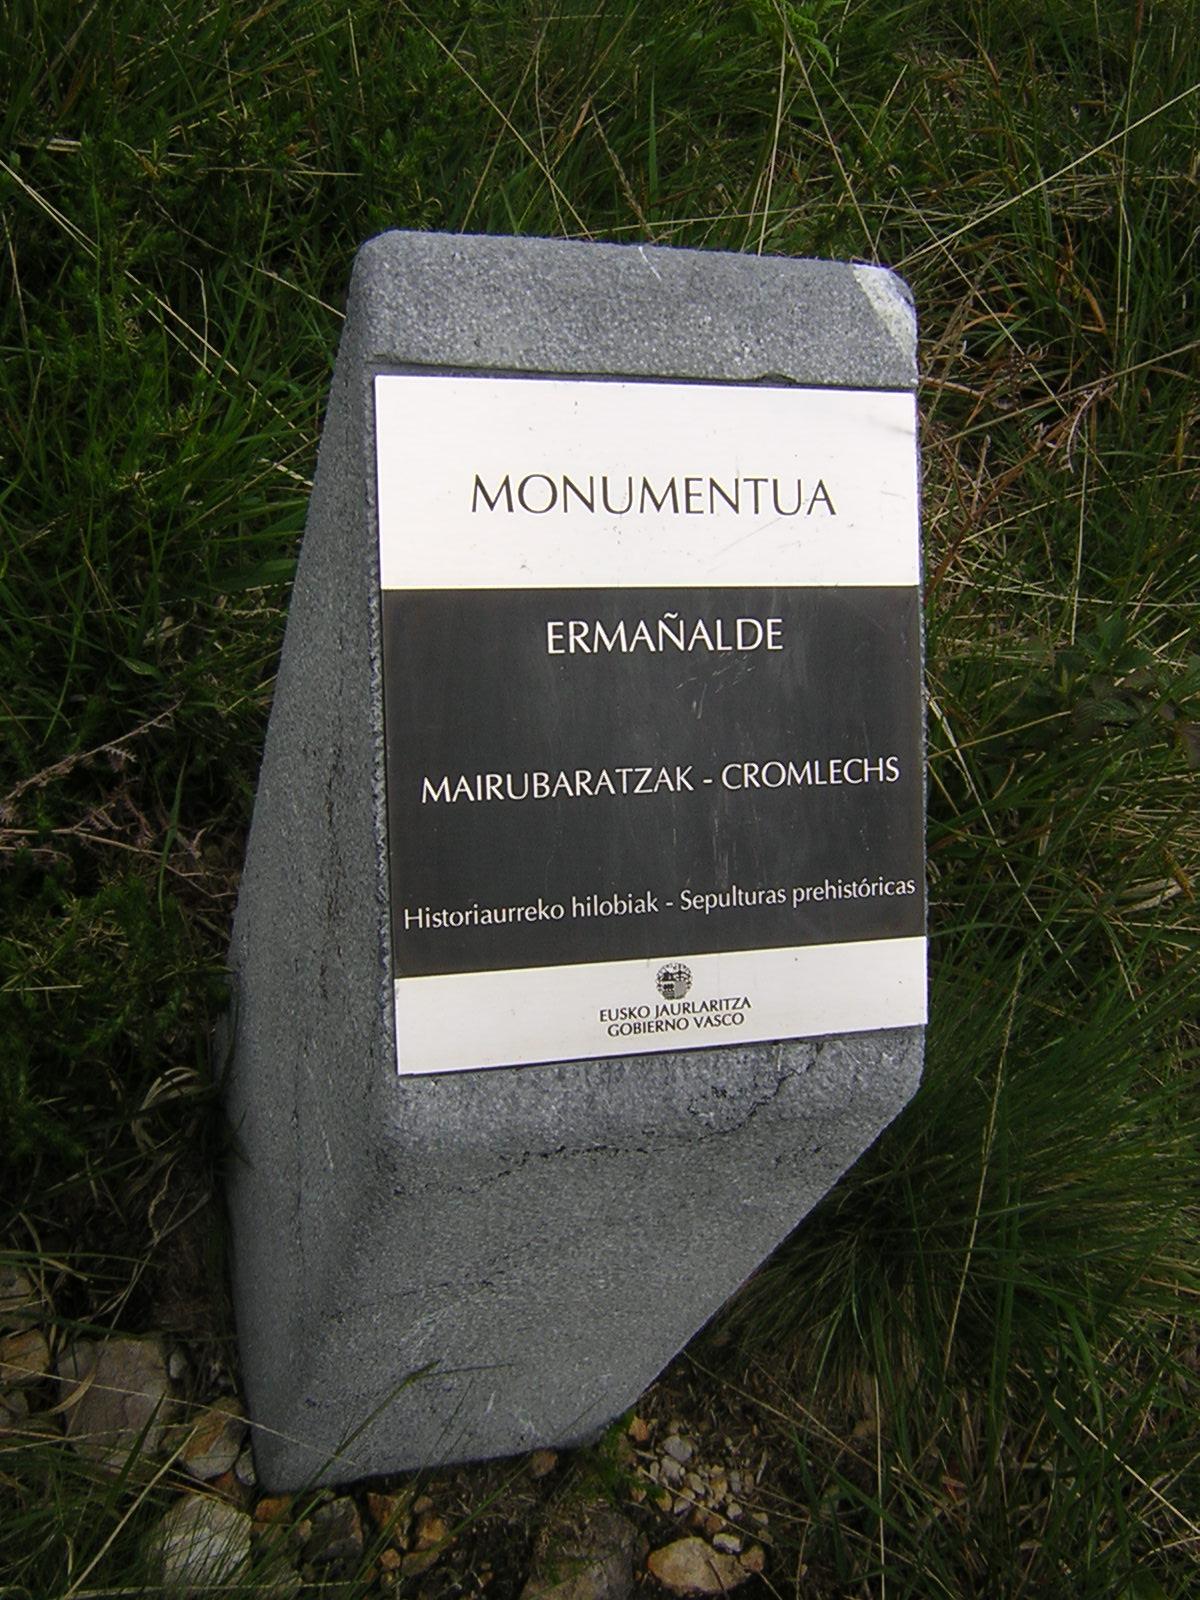 Cromlech Ermañalde Mairubaratza